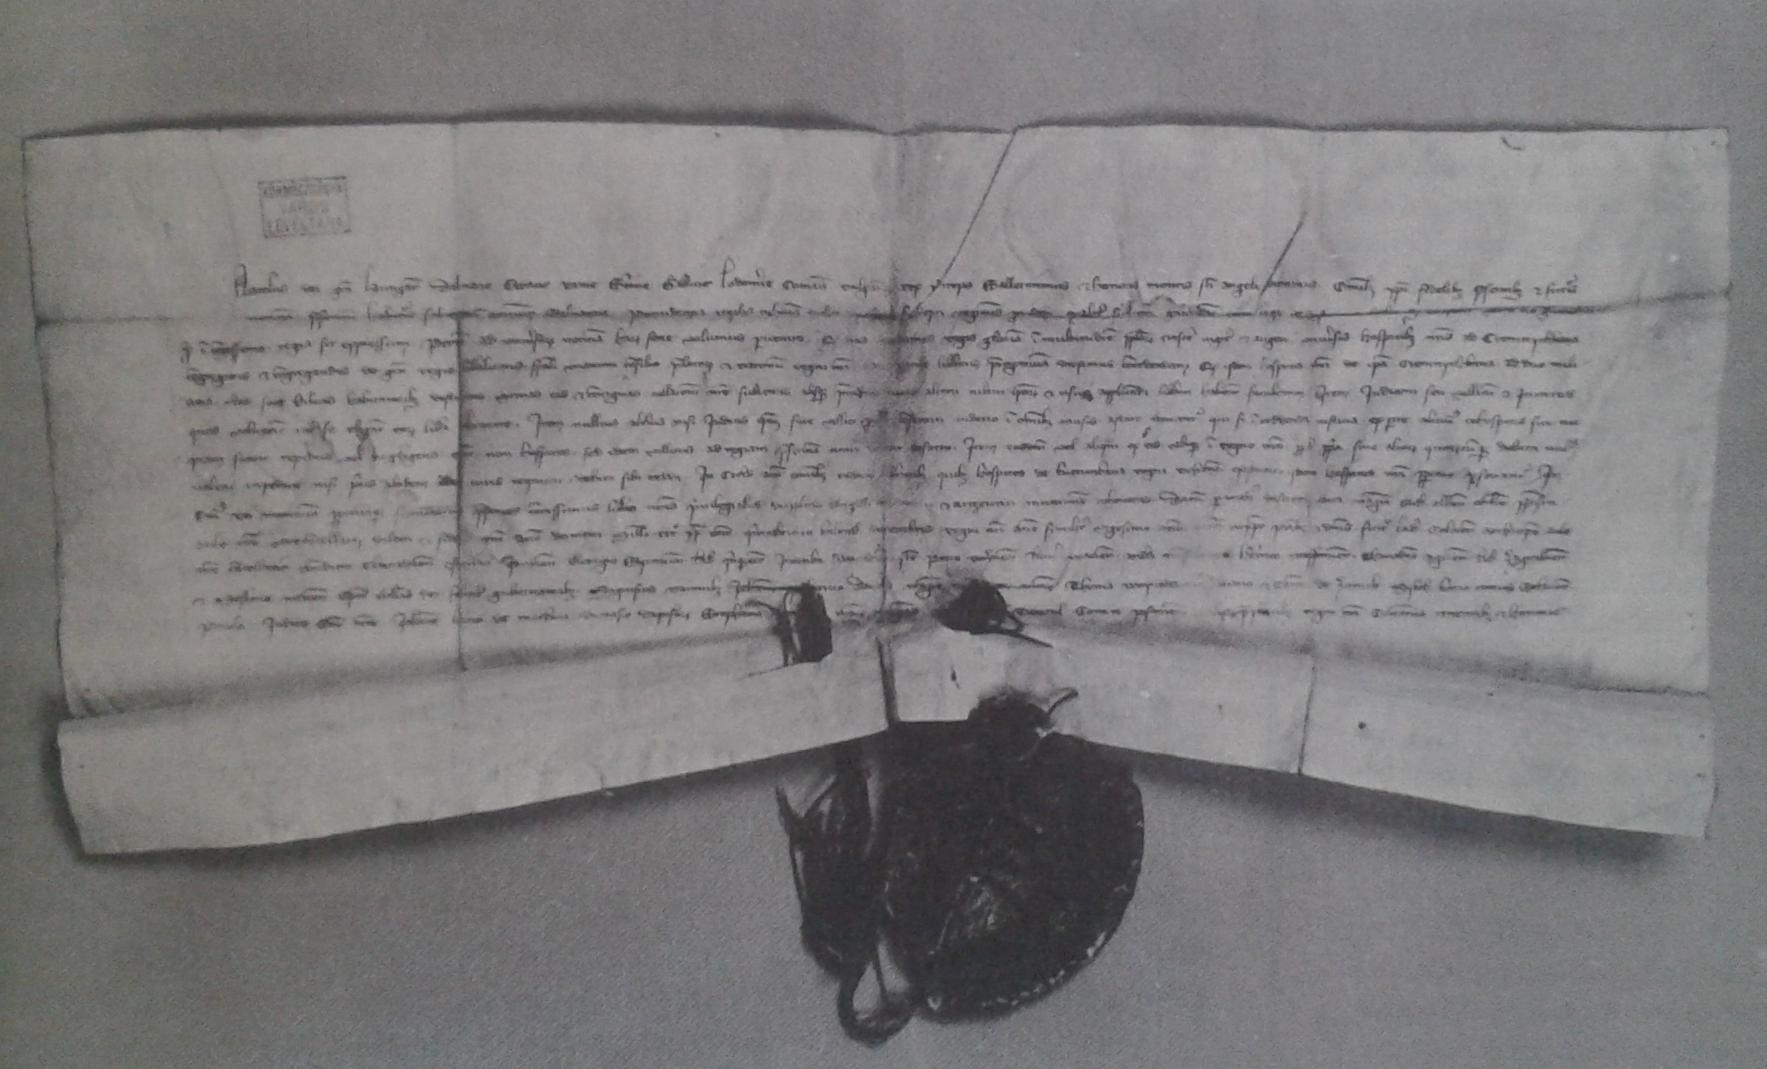 Die privilegierte Liste von ungarischen Konigs Karl Robert von Anjou, 17. November 1328, Kremnitz bekommt Kuttenberger bergmännische und Münze Berechtigung